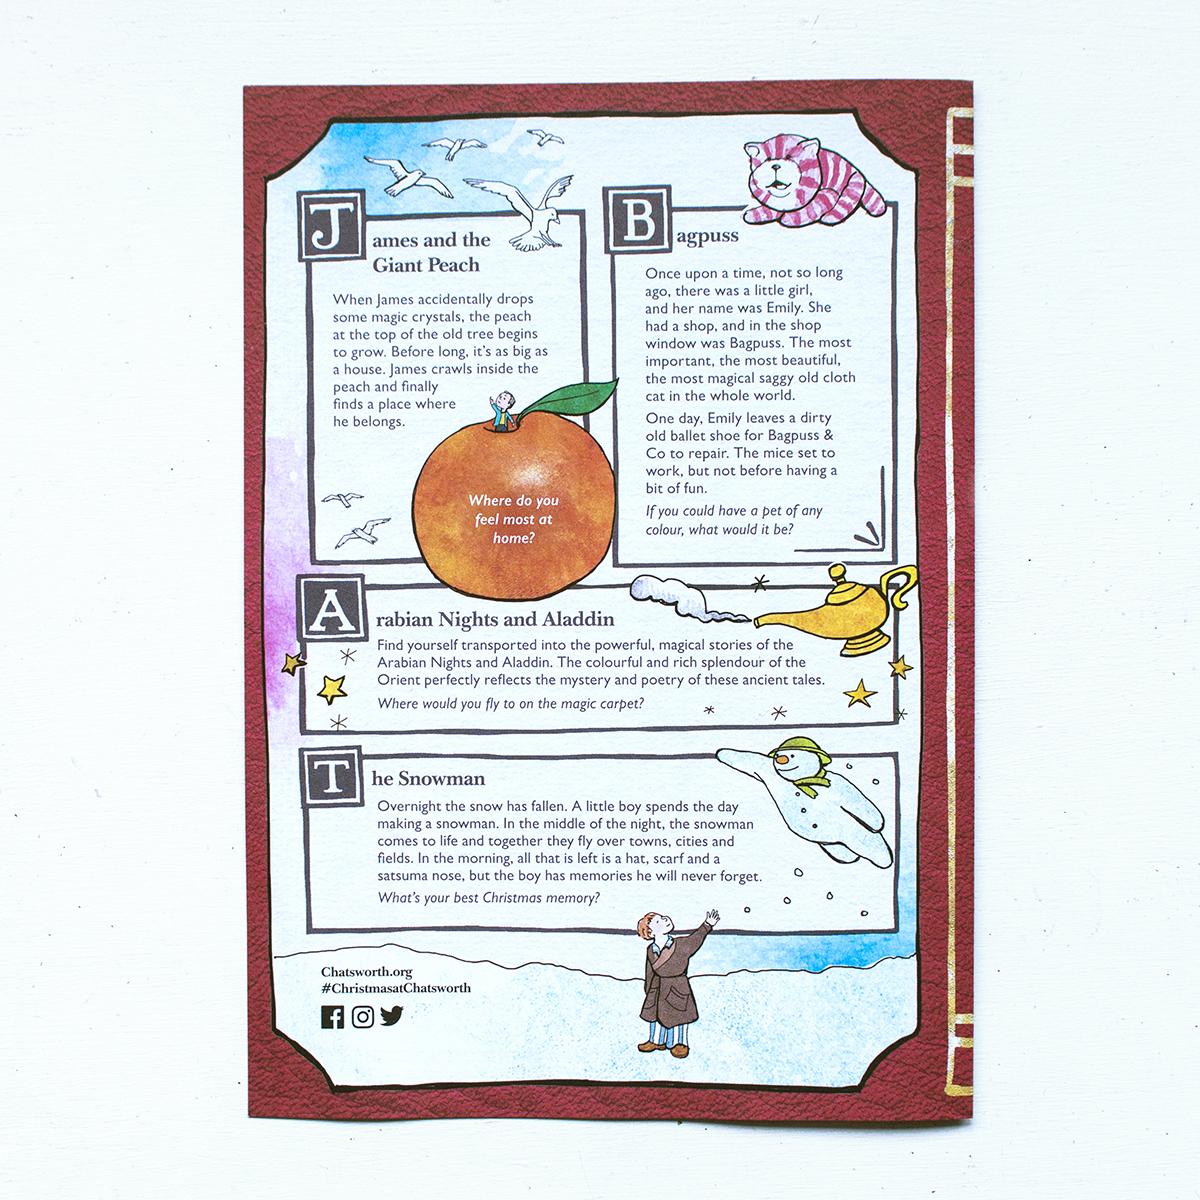 chatsworth illustrated xmas leaflet